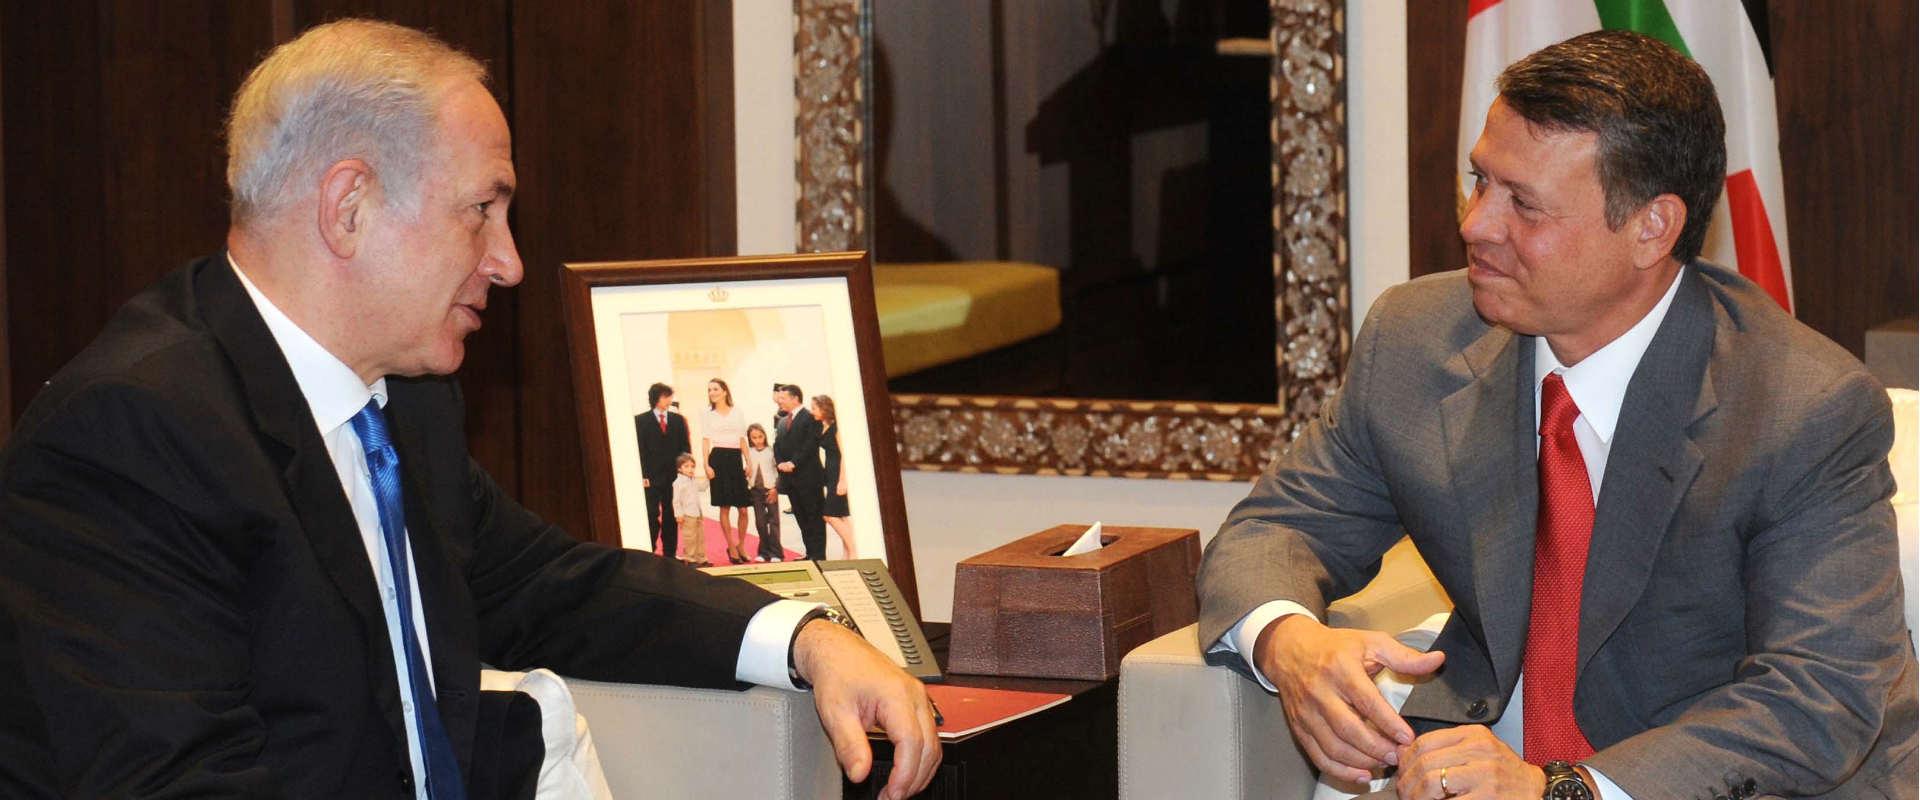 ראש הממשלה, בנימין נתניהו, והמלך עבדאללה בעמאן. יו